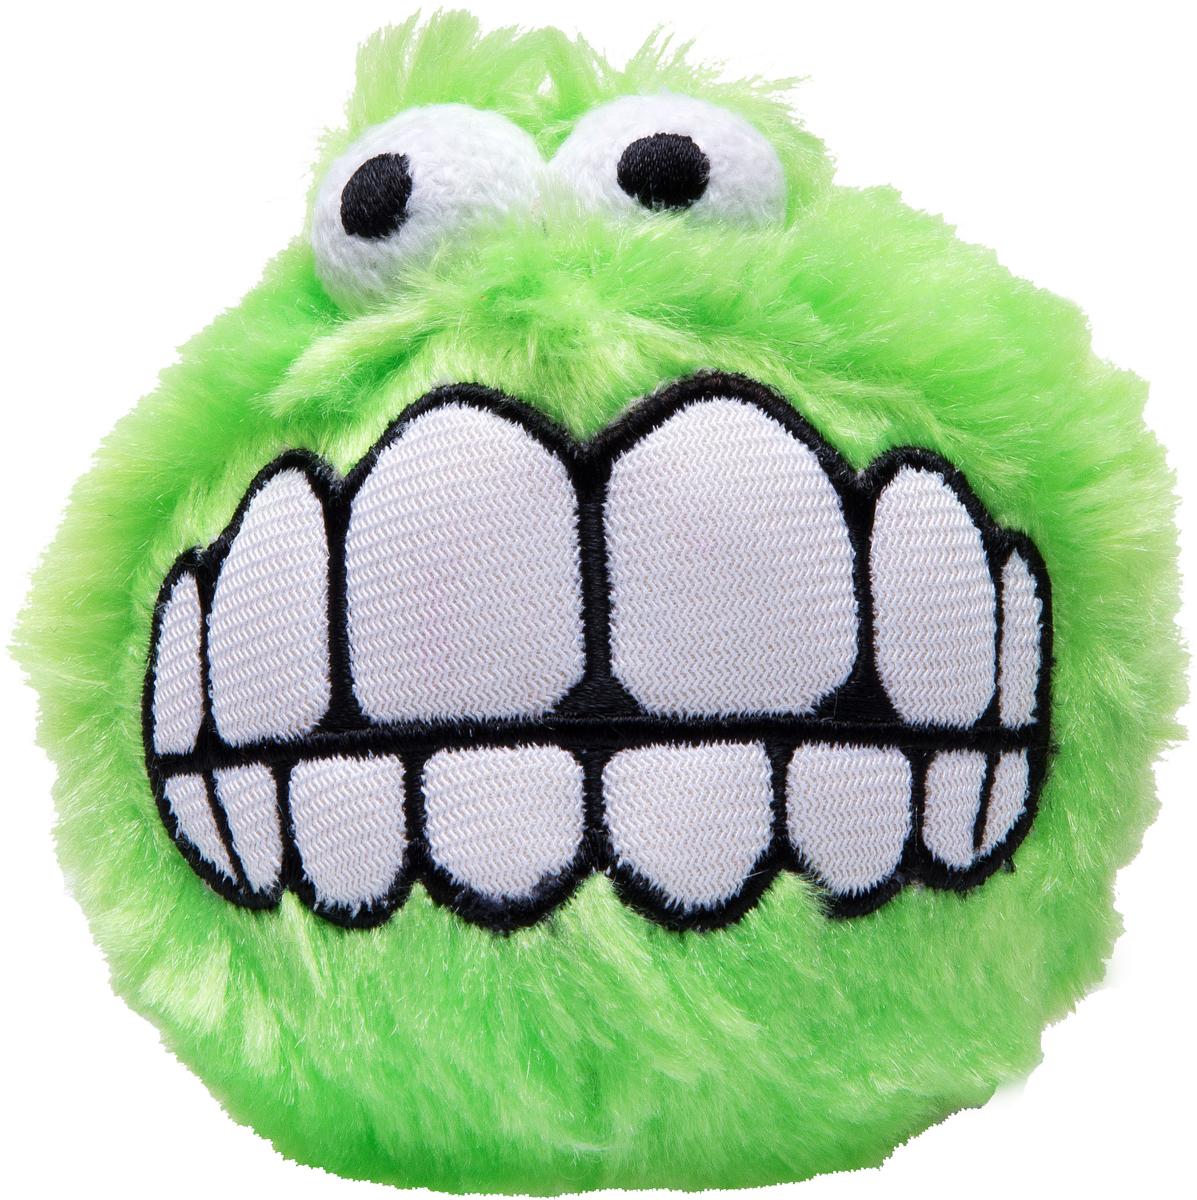 Игрушка для собак Rogz  Fluffy Grinz. Зубы , цвет: лайм, диаметр 6,4 см - Игрушки